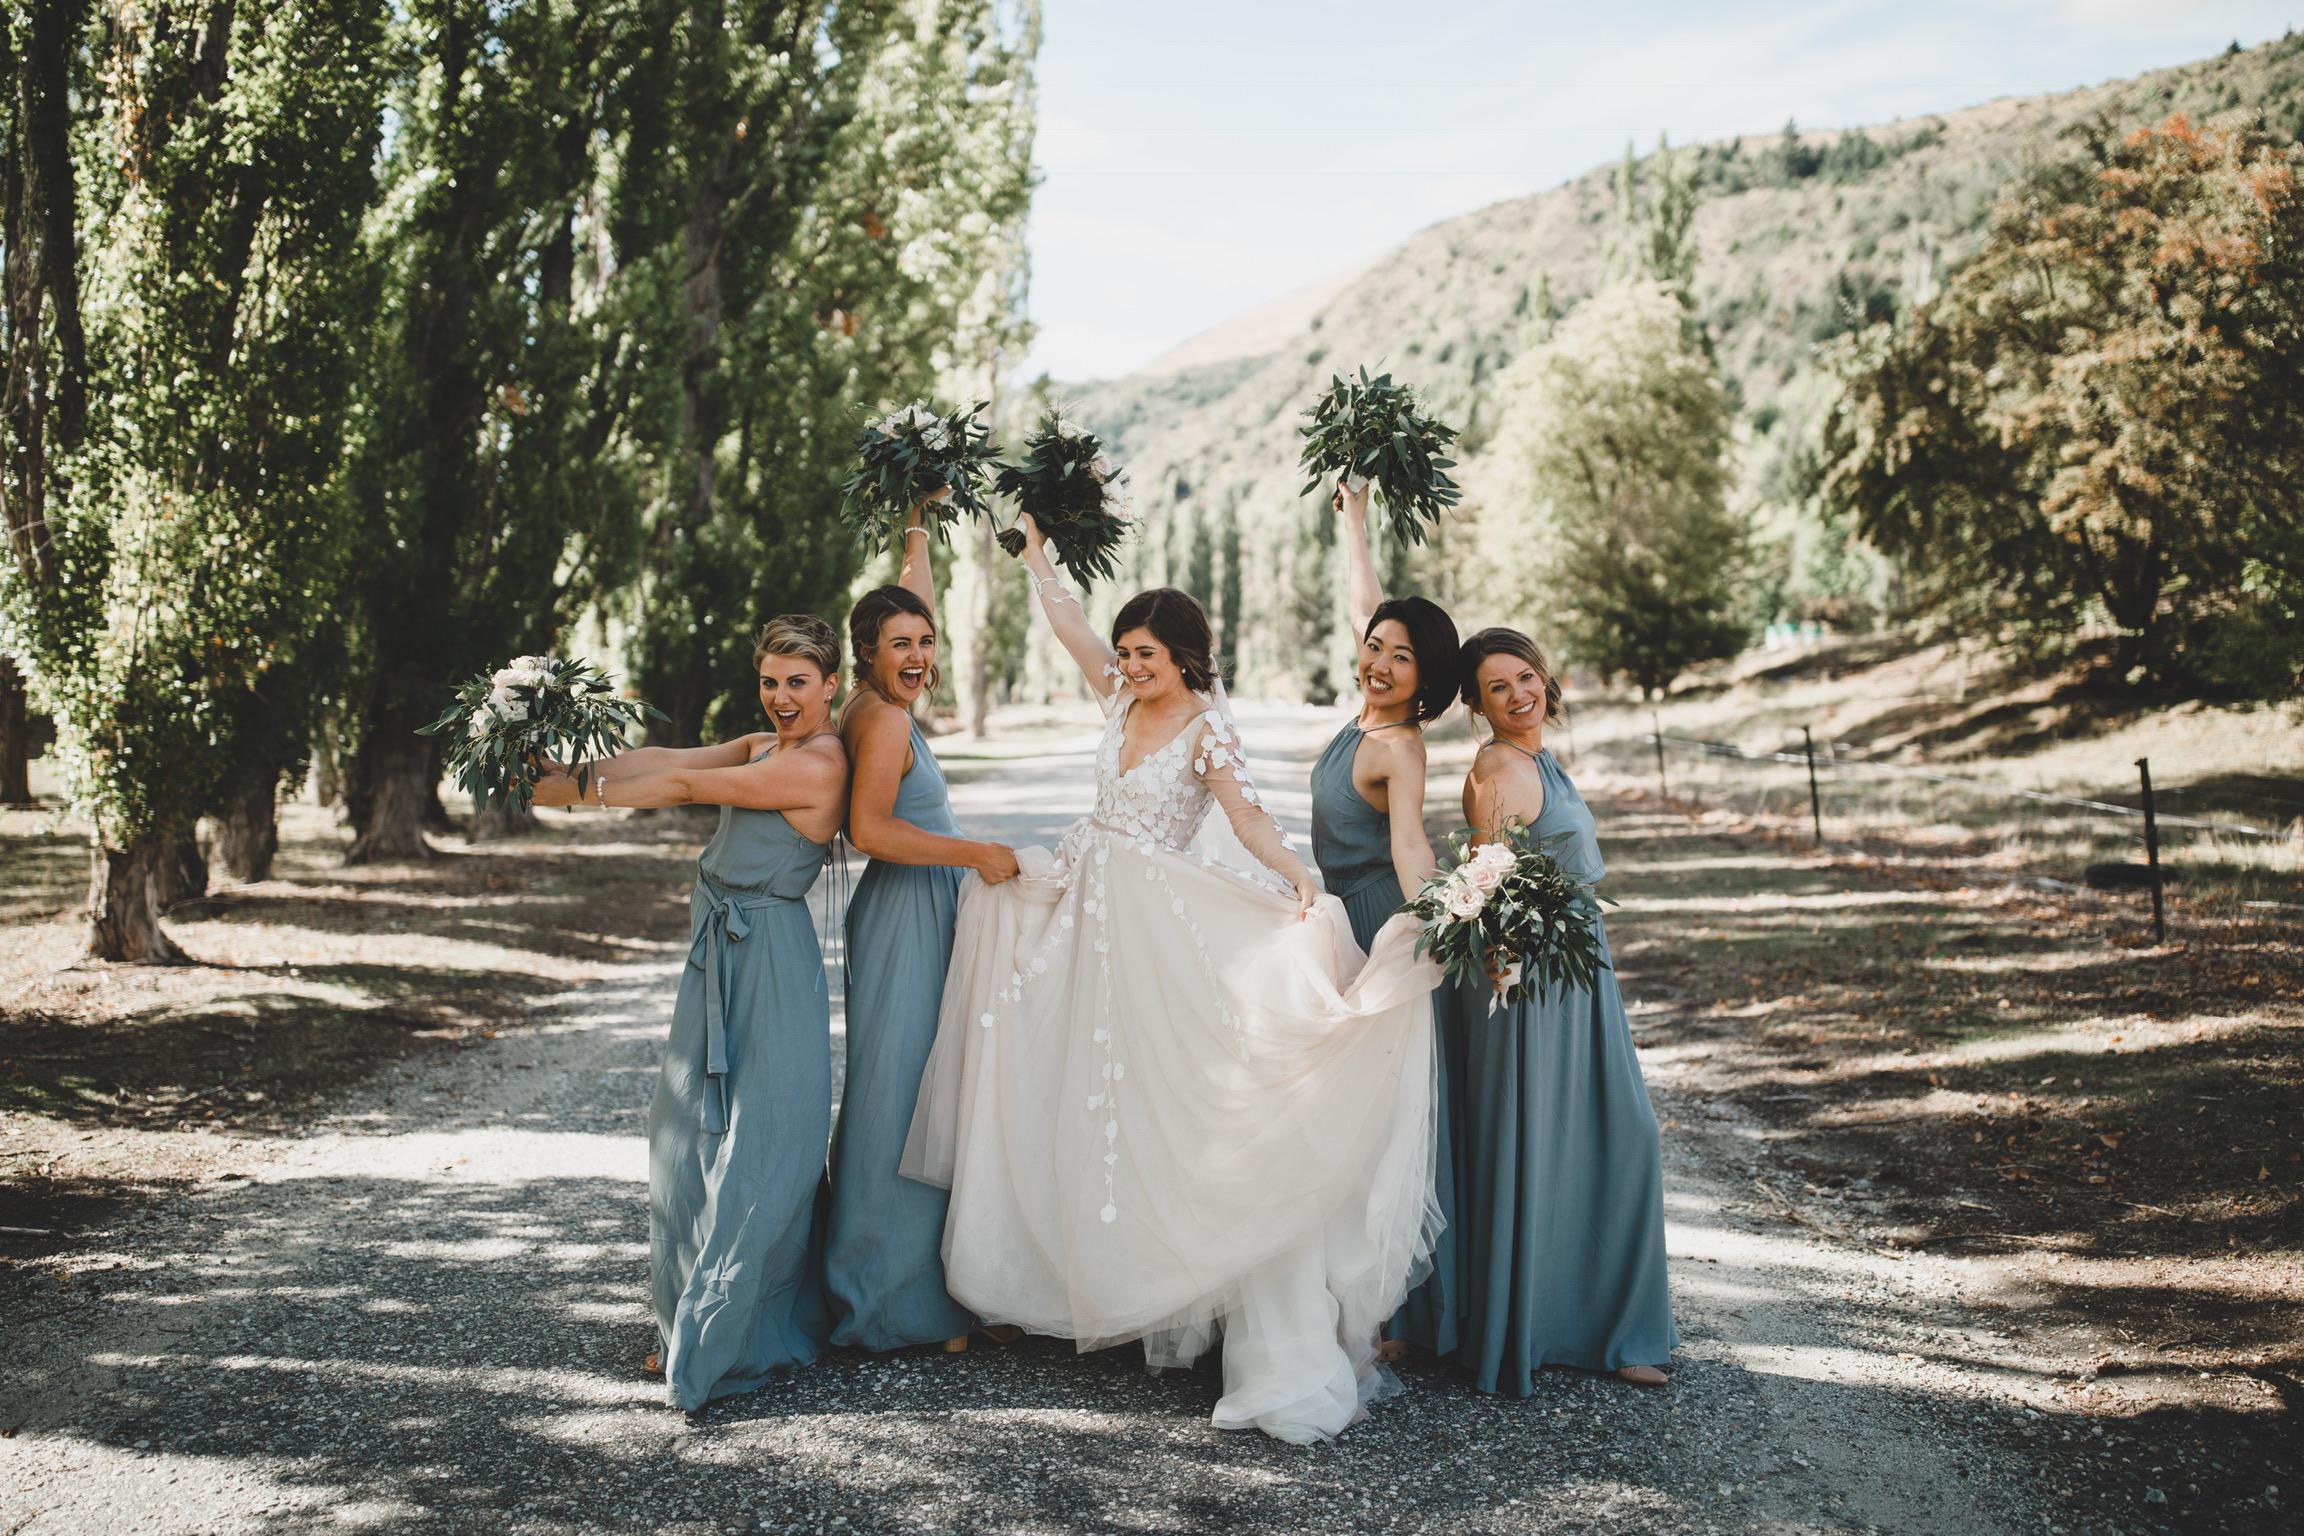 06 Tamsin Henshaw Wedding Dress Testimonial   W Bridesmaids